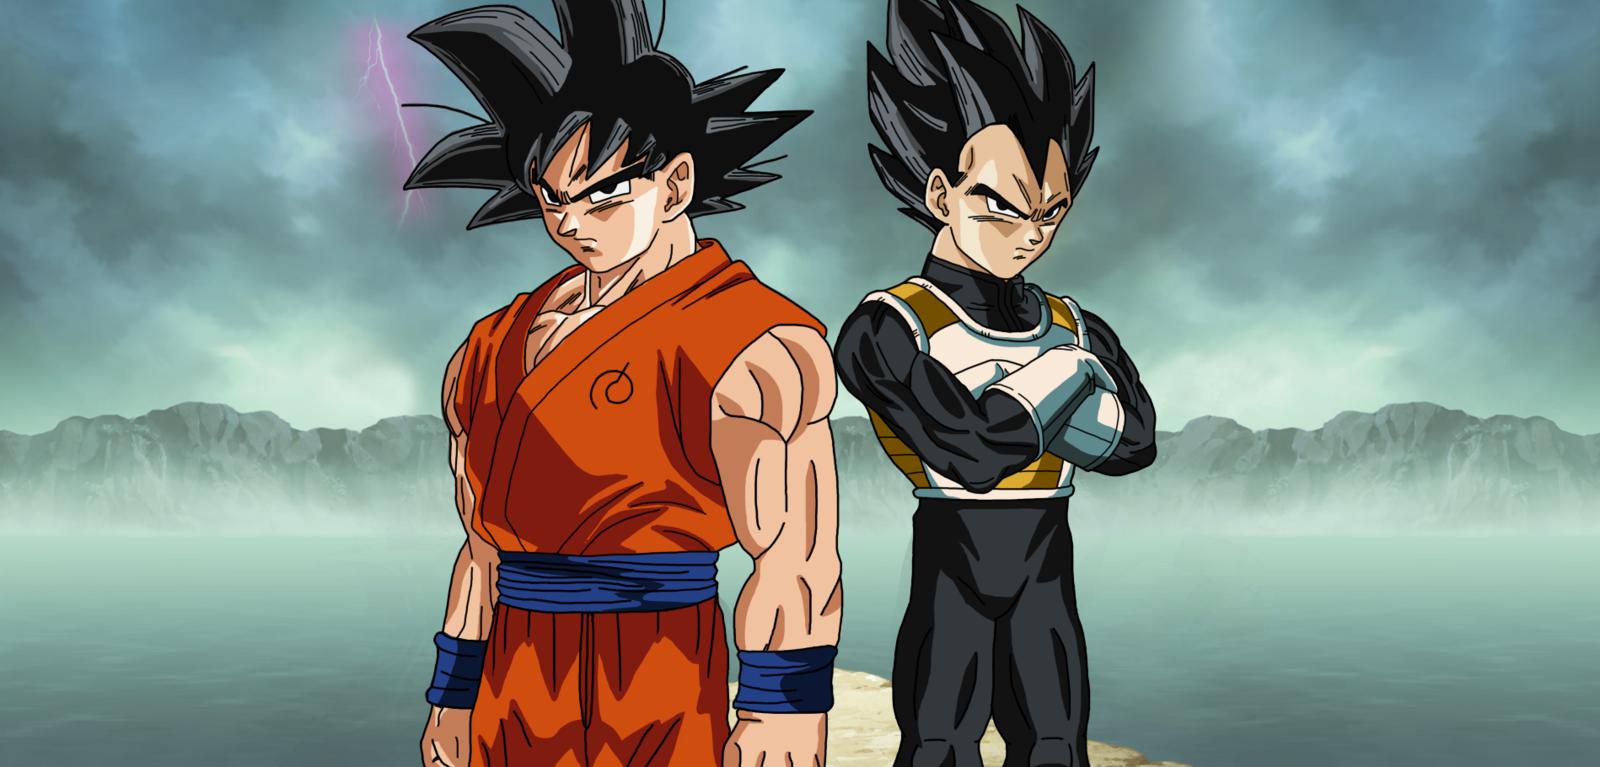 Dragon Ball Z: Resurrection F to sztuka kompromisu, która zadowoli każdego fana